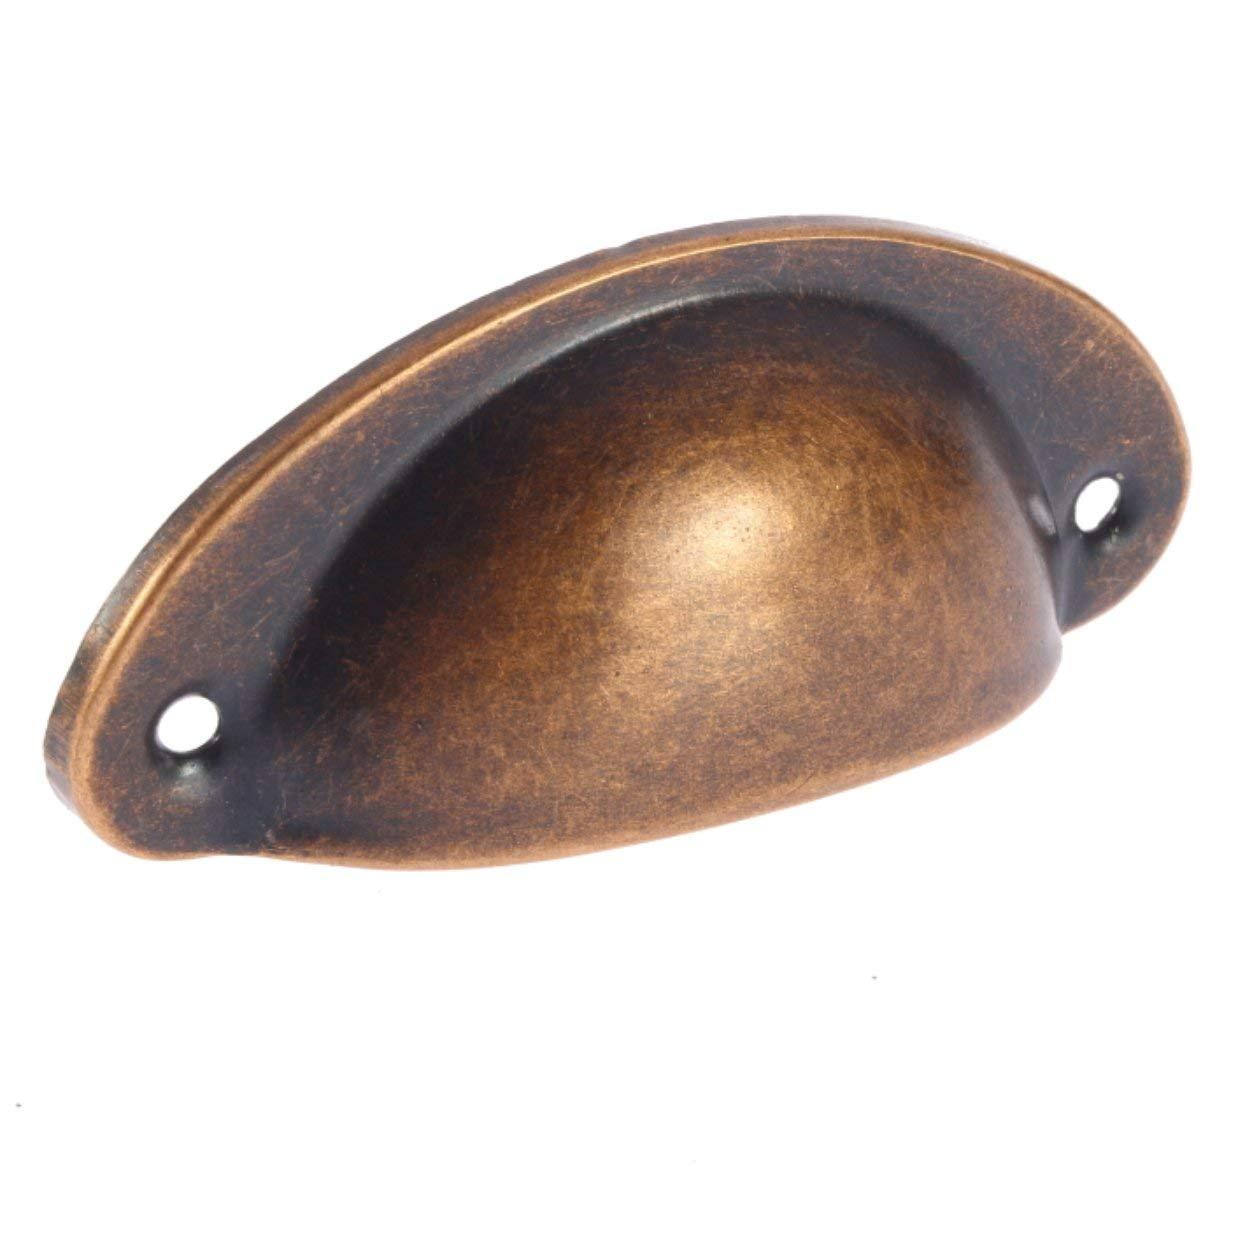 Tellaboull 1//2 Pezzi Nero a Forma di Conchiglia in Lega di Zinco dEpoca Porta dellArmadio cassettiera Contenitore Maniglie per mobili maniglione pomello Peso Leggero